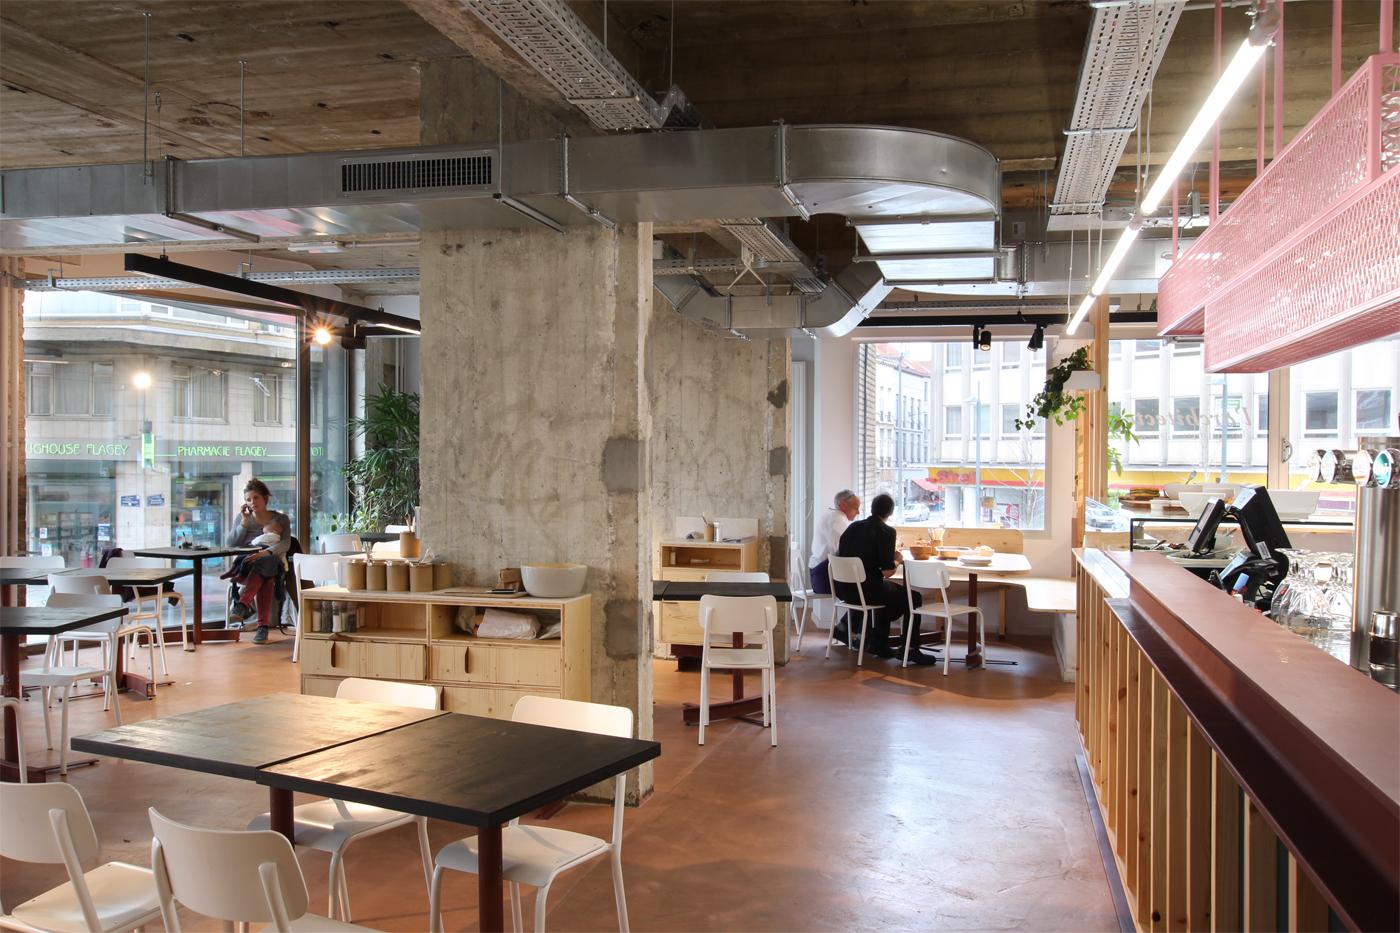 L architecte brussels 39 kitchen for Architecte bruxelles